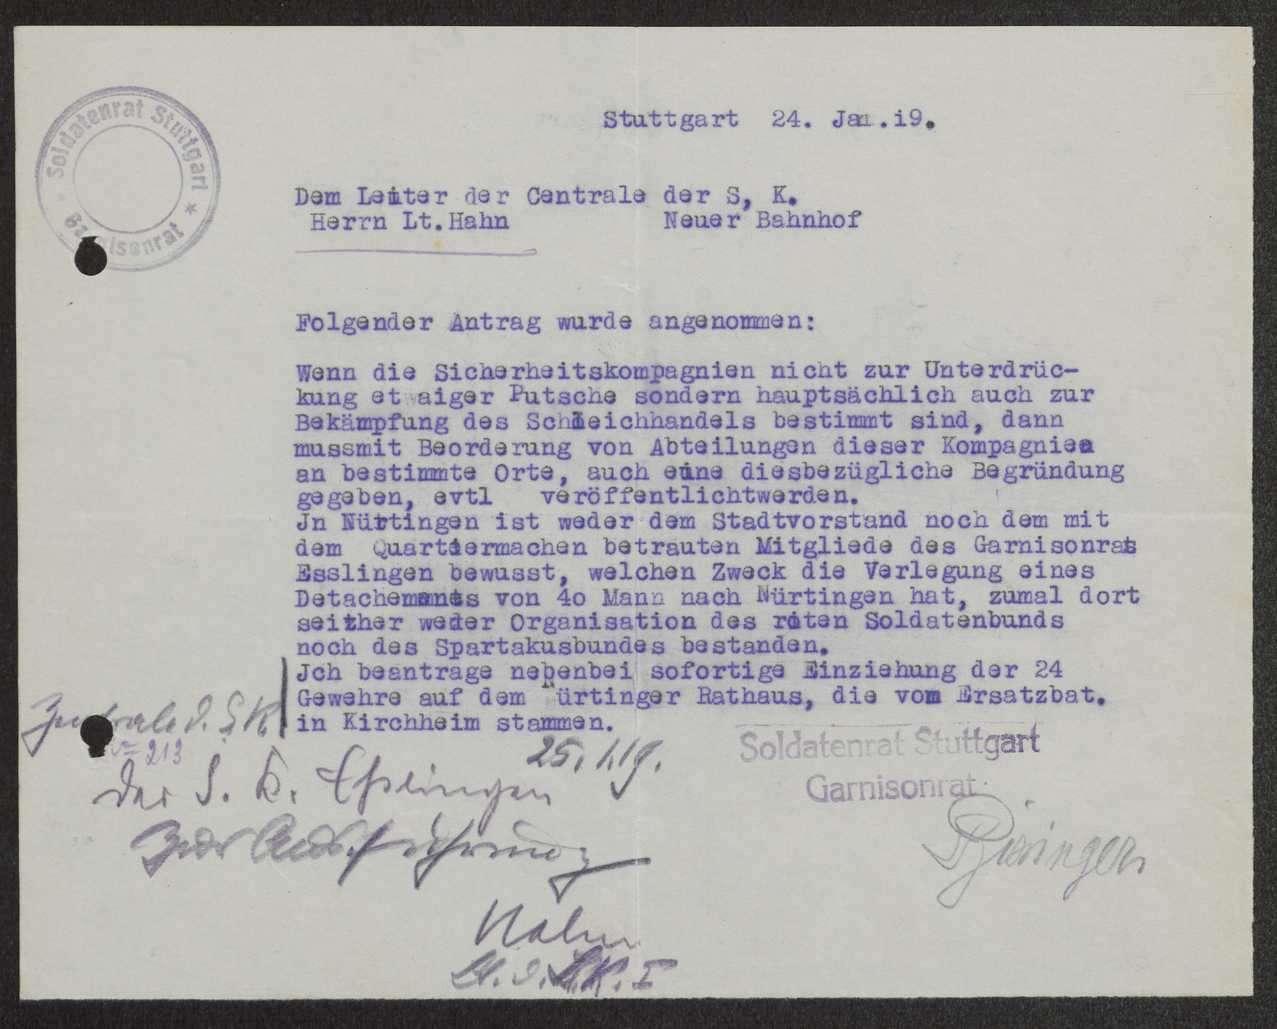 Zuständigkeitsbereich der dem Garnisonrat unterstehenden Sicherheitstruppen, Auflösung des Kommandos Esslingen der Sicherheitskompanie 5, Bild 3